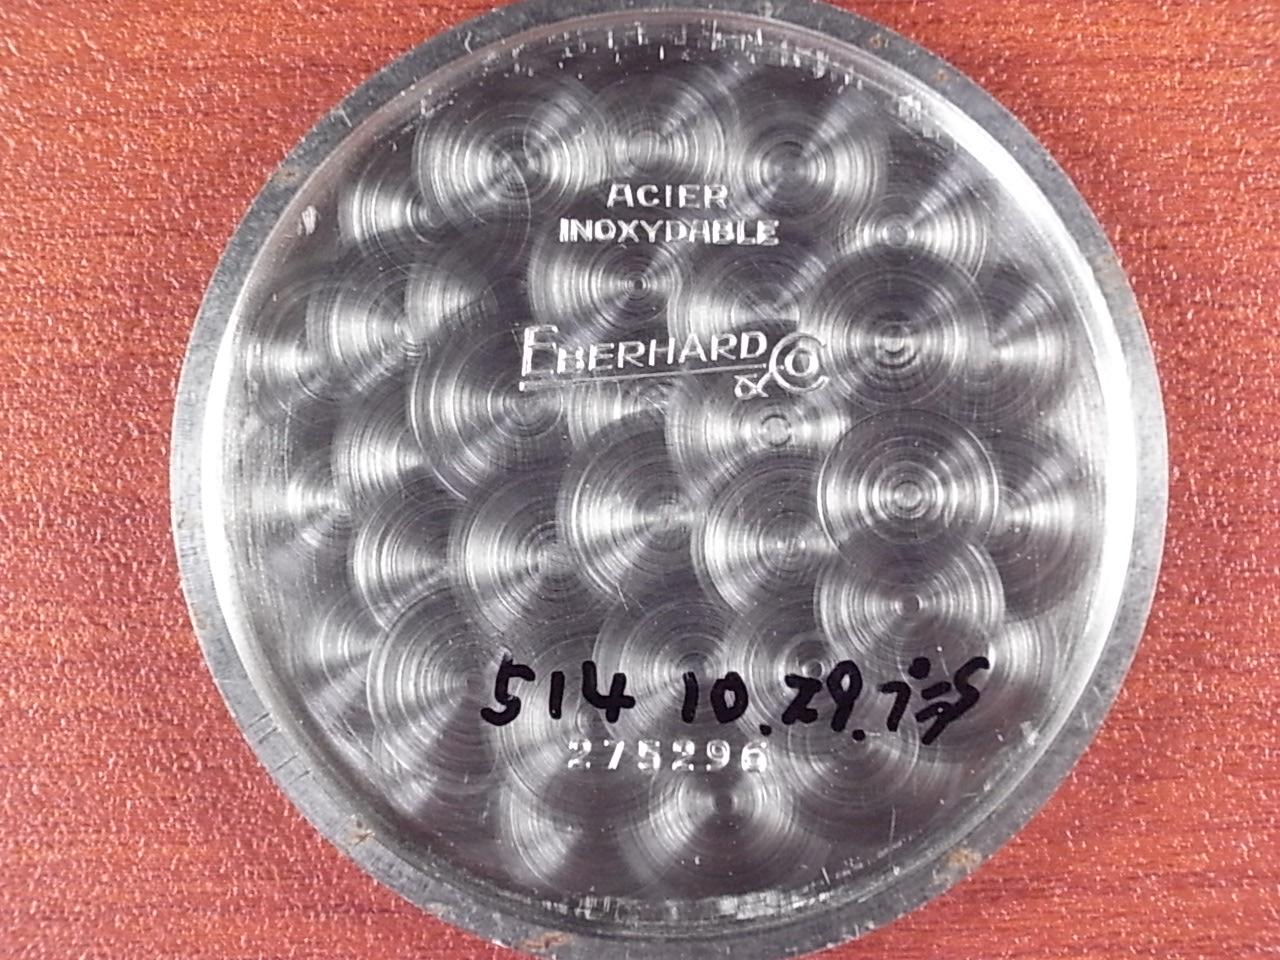 エベラール ピンクダイアル シリンダーケース ボンクリップ付き 1940年代の写真6枚目